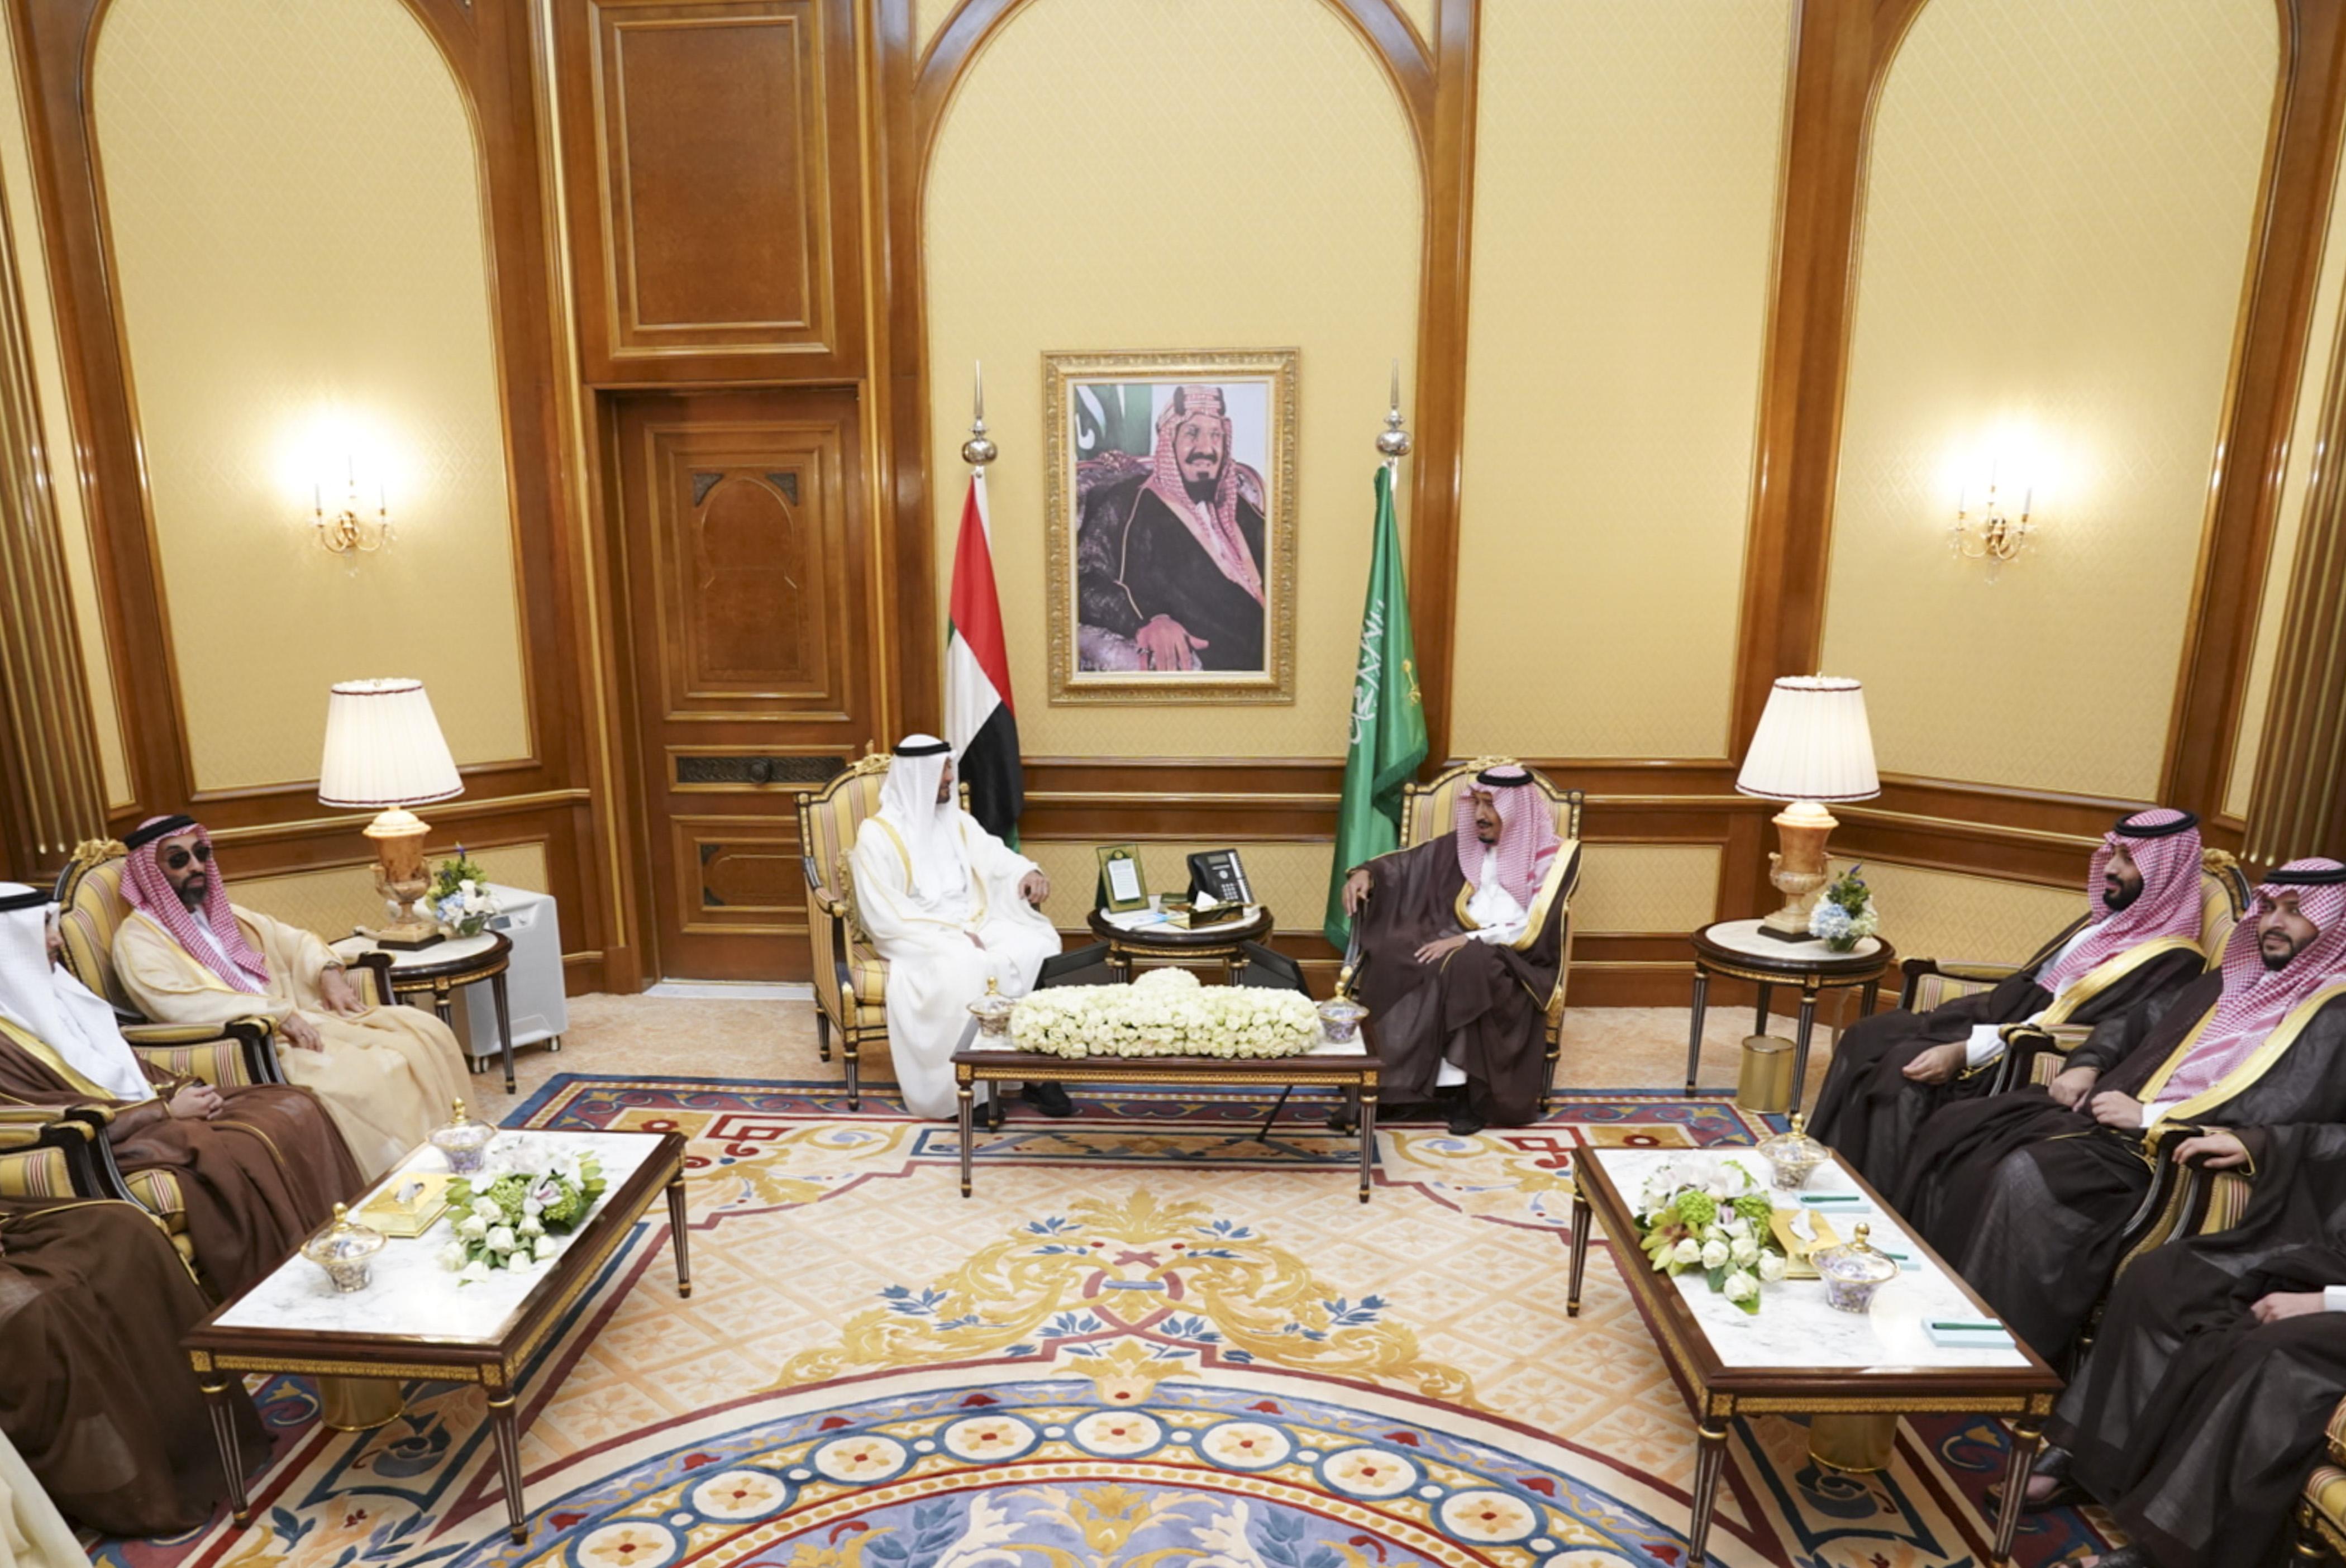 خادم الحرمين ومحمد بن زايد يبحثان تعزيز العلاقات الأخوية الراسخة وعددا من القضايا الإقليمية والدولية